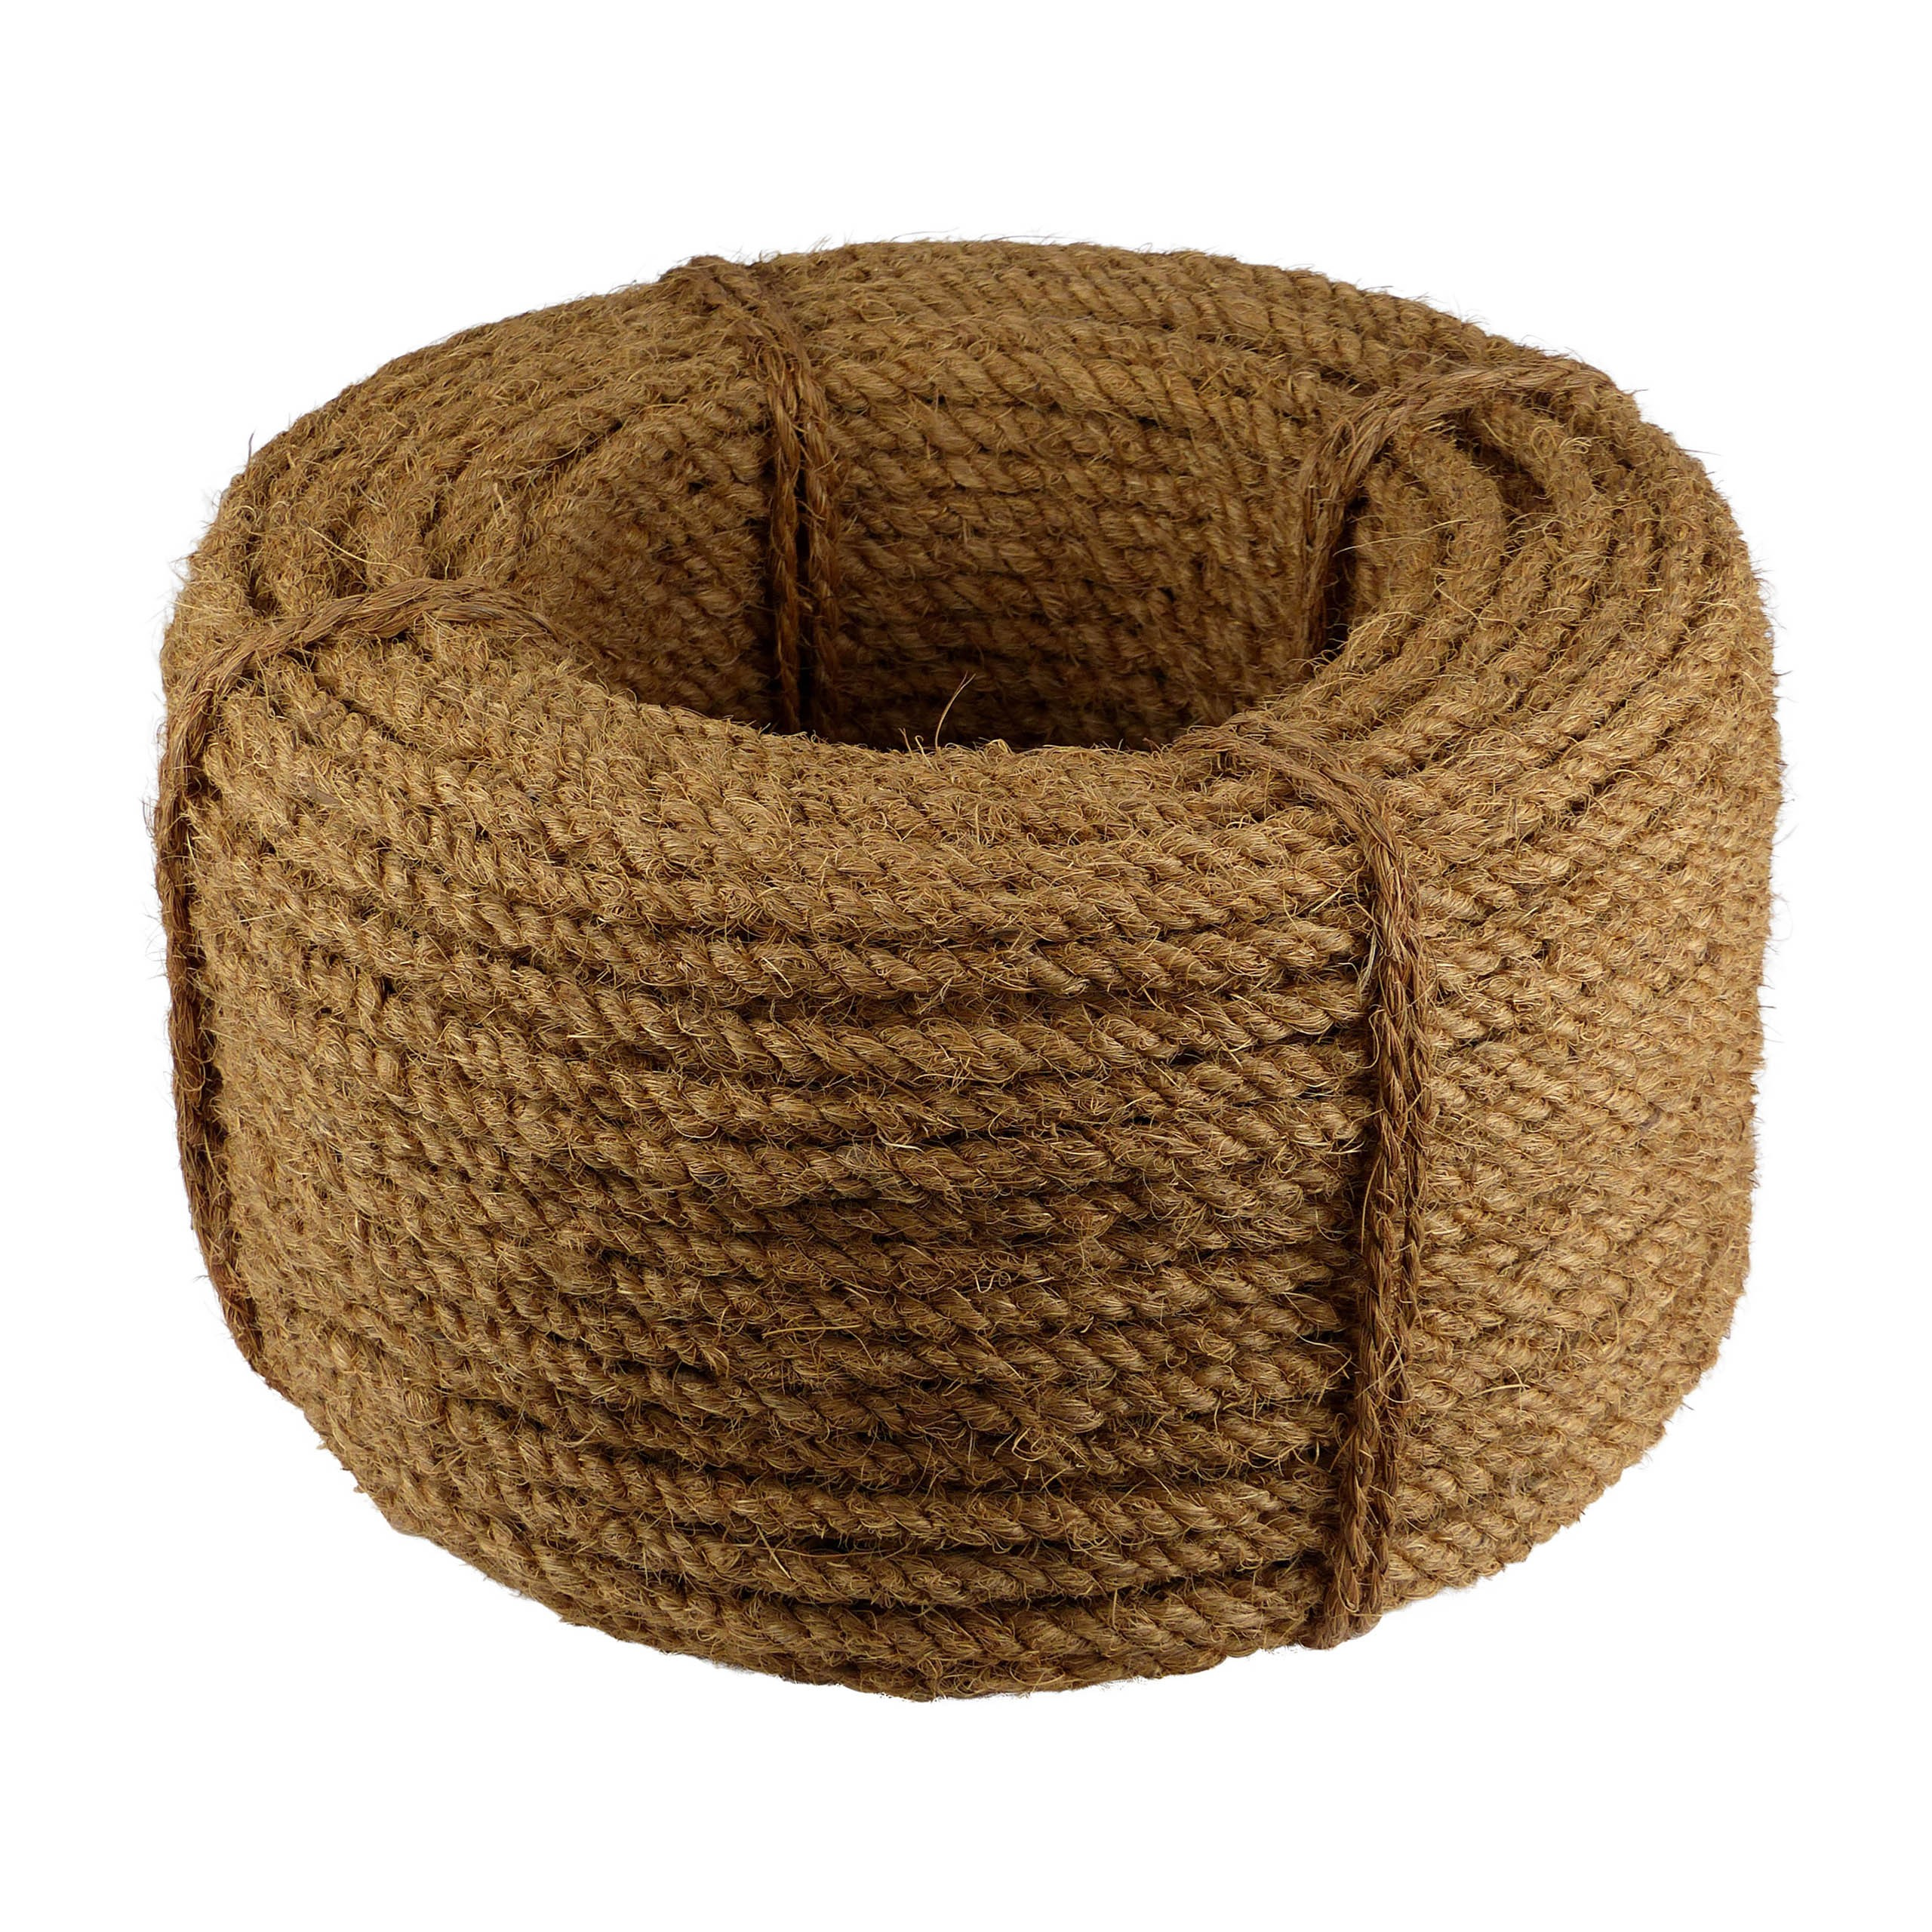 Kokosseil - Baumbindeband - Naturseil - Länge 100m - Stärke ca. 10 mm - 3fach gewickelt - sehr robust und stark